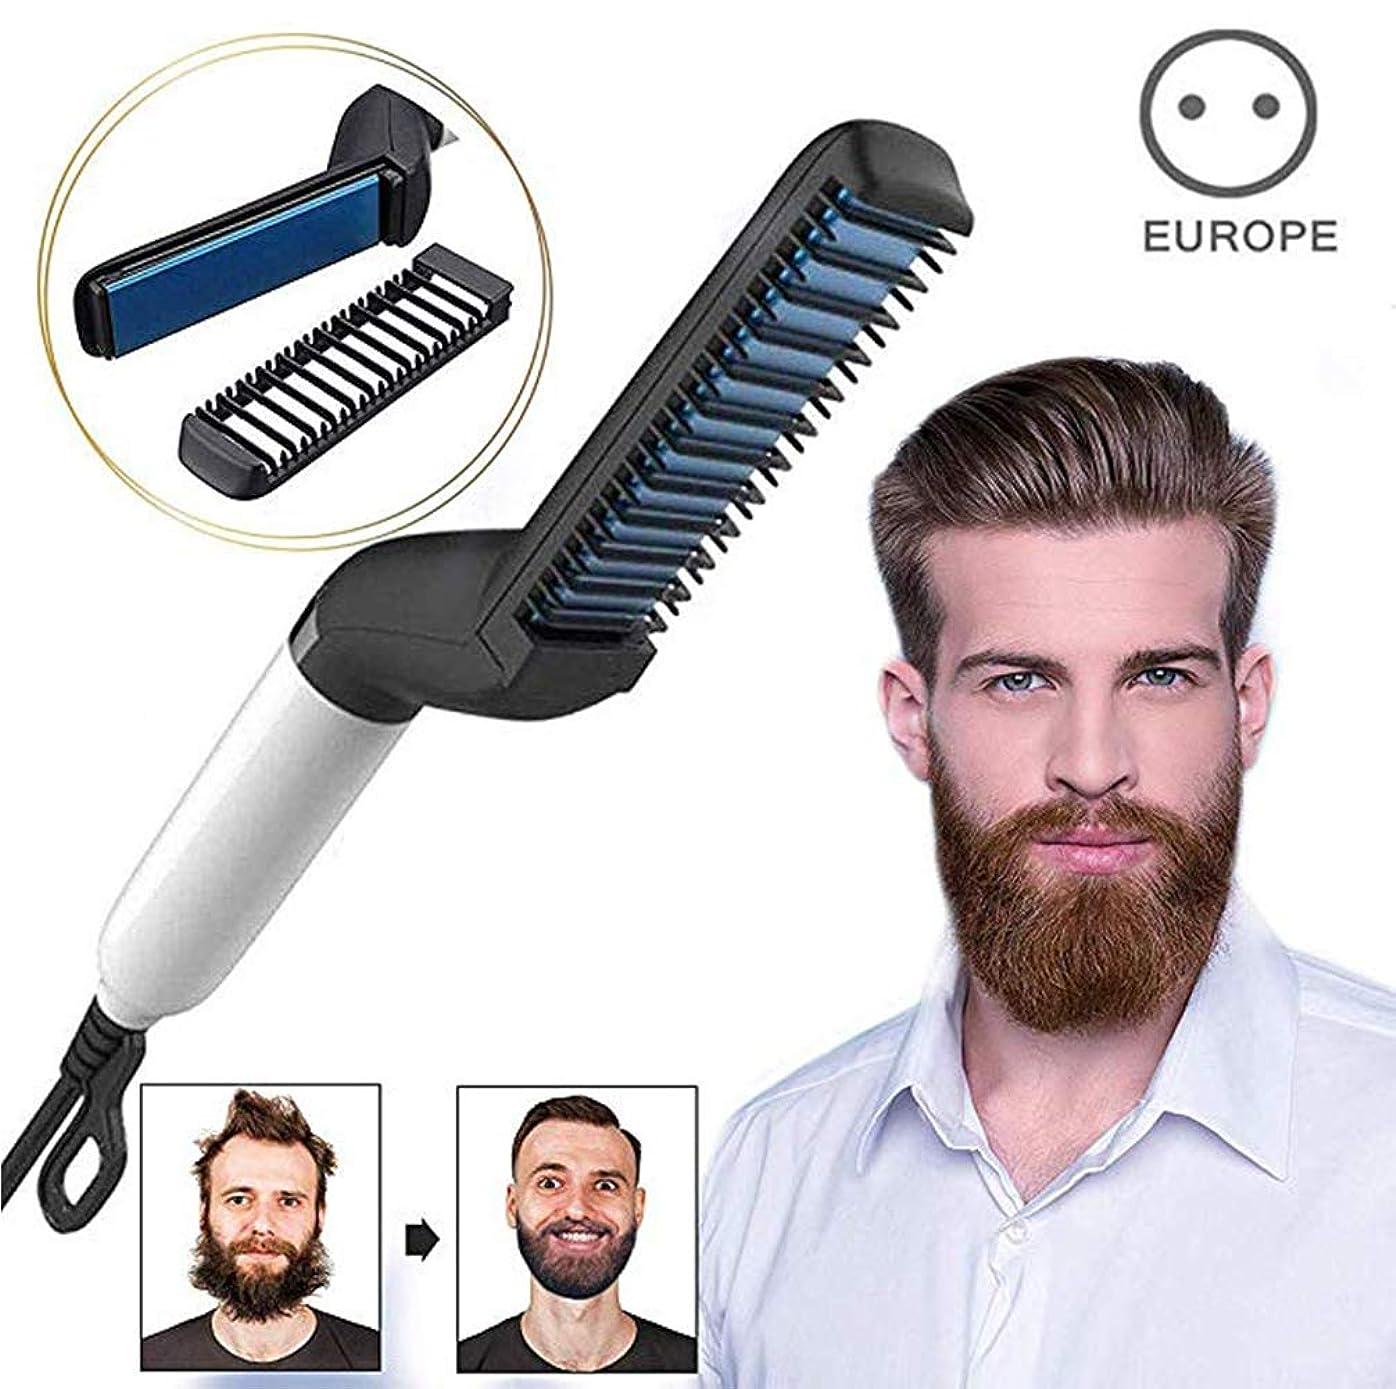 シロクマむしろ常に男性ストレートナーひげと髪多機能高速ひげくし鉄ストレートナーひげセラミックヴォルマイズ滑らかにまっすぐに平らな髪